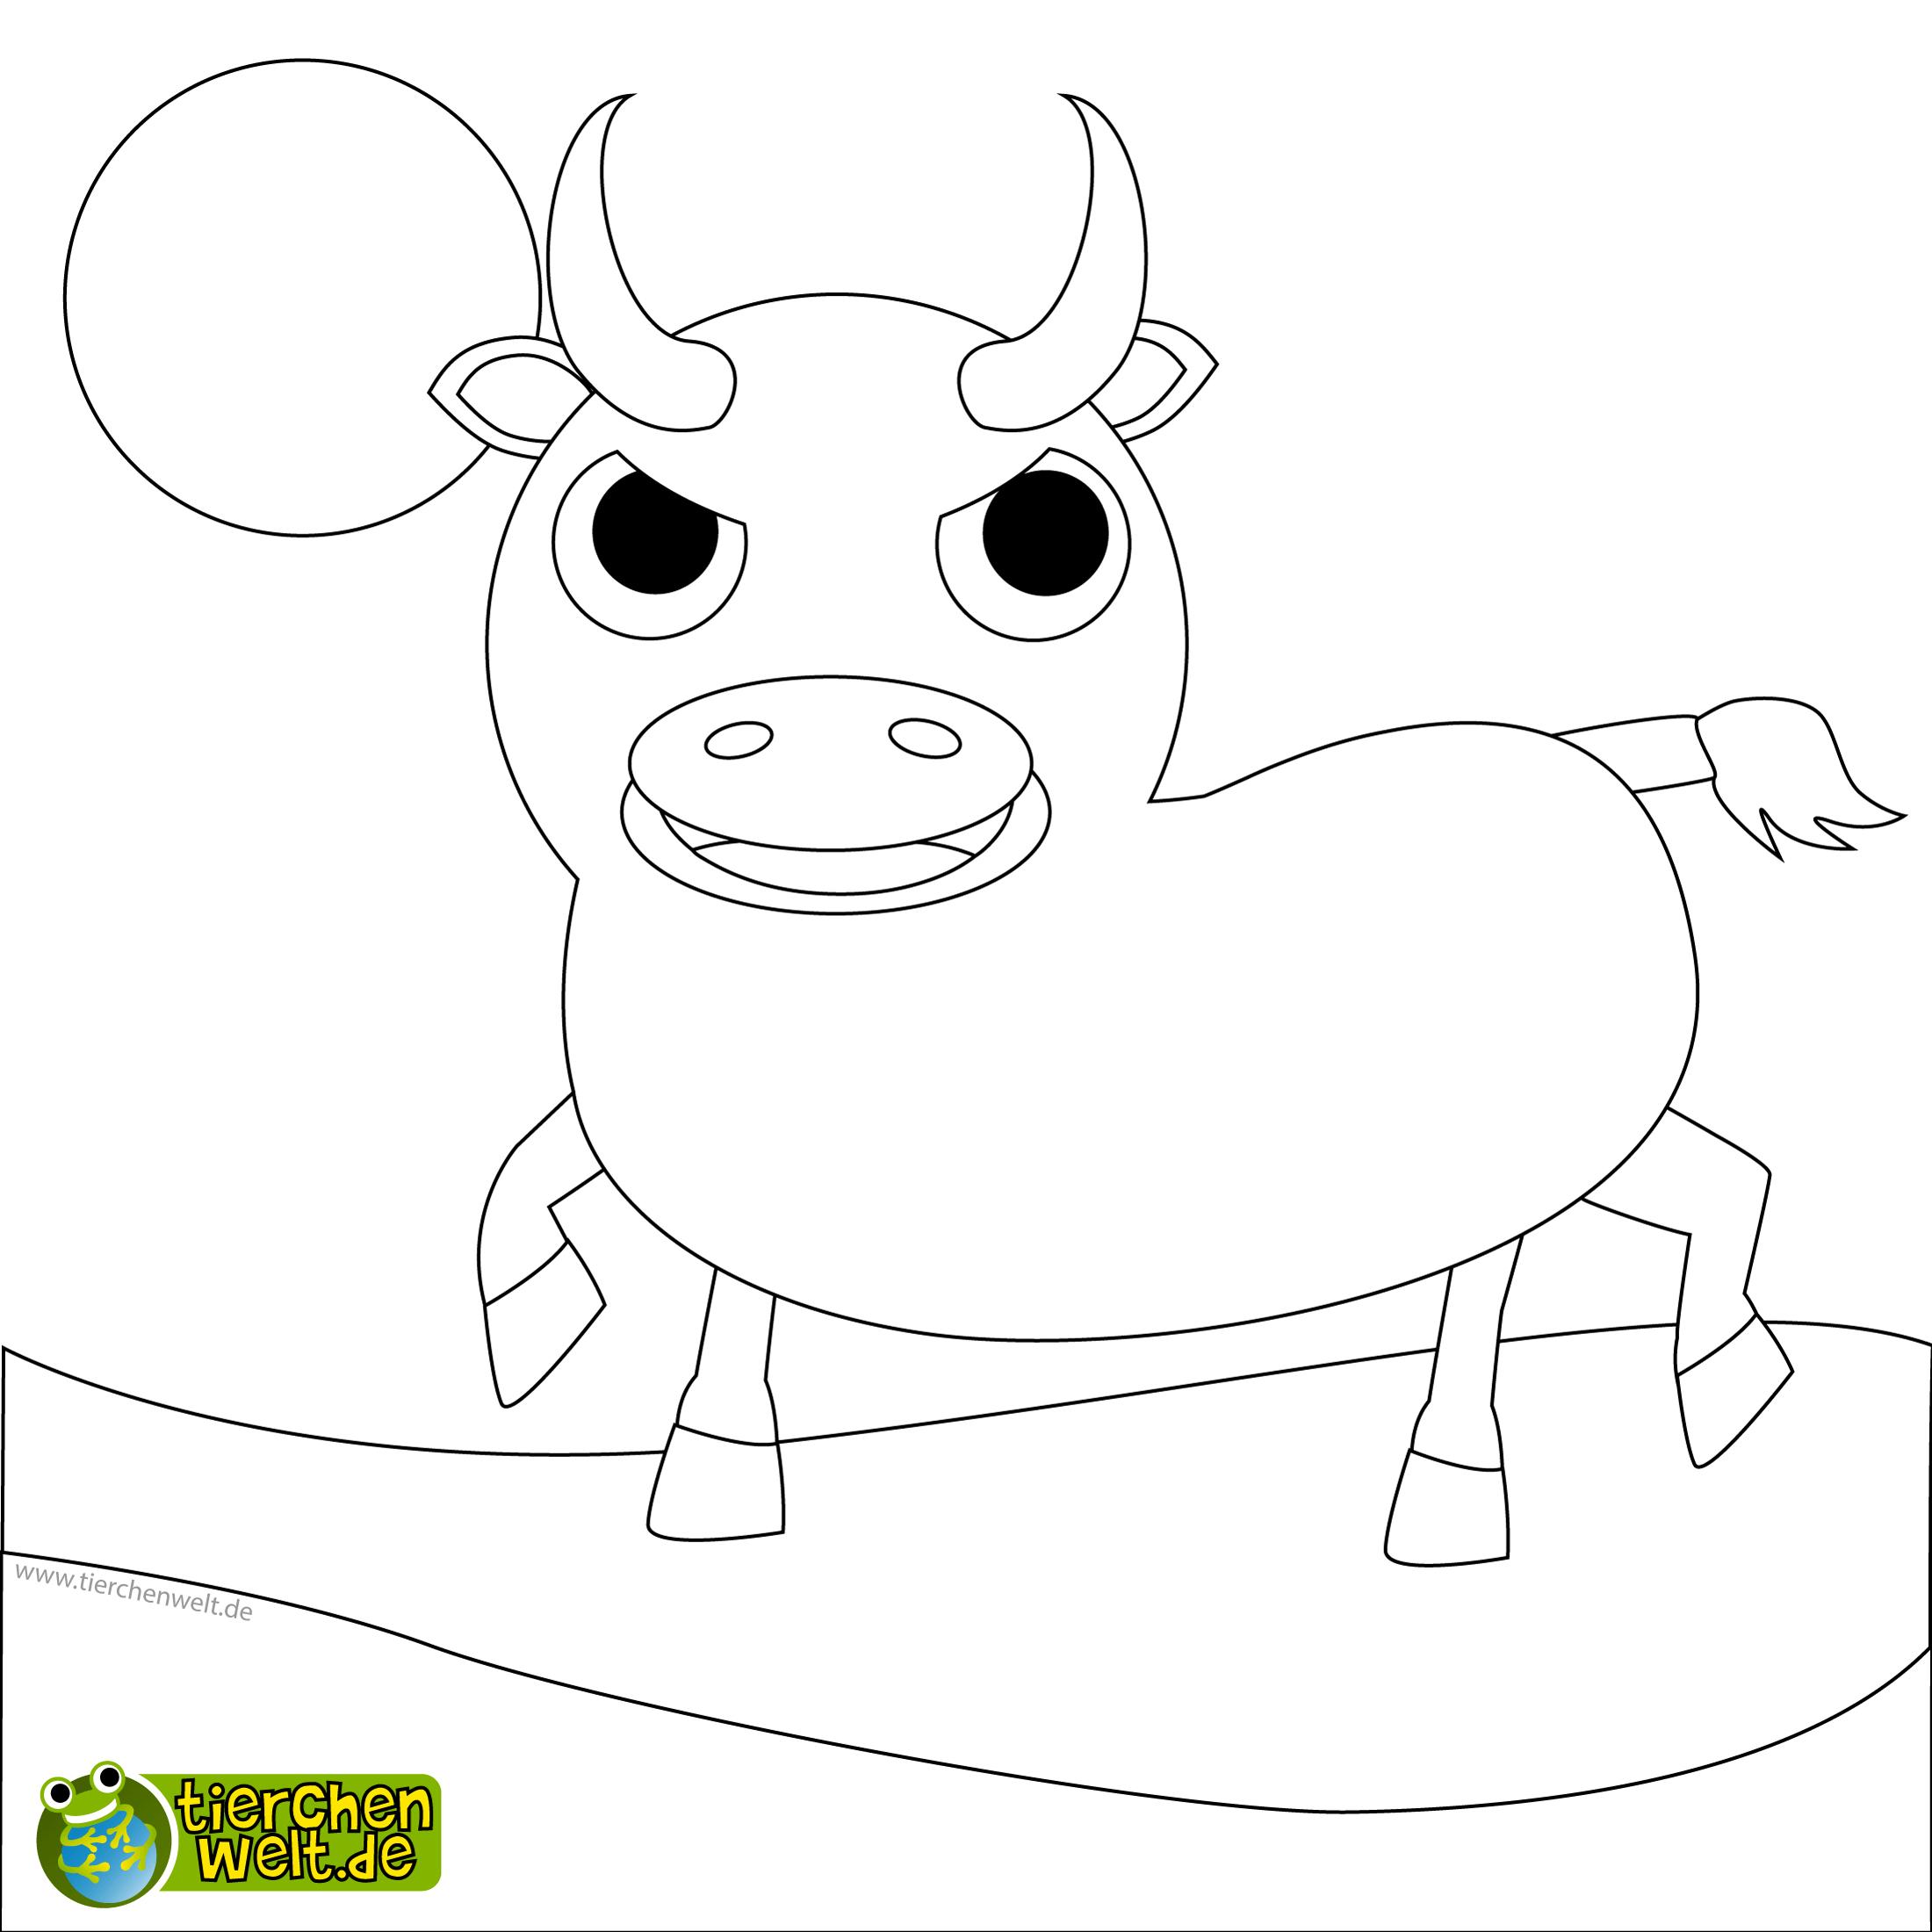 Malvorlage Stier innen Kostenlose Malvorlagen Für Kinder